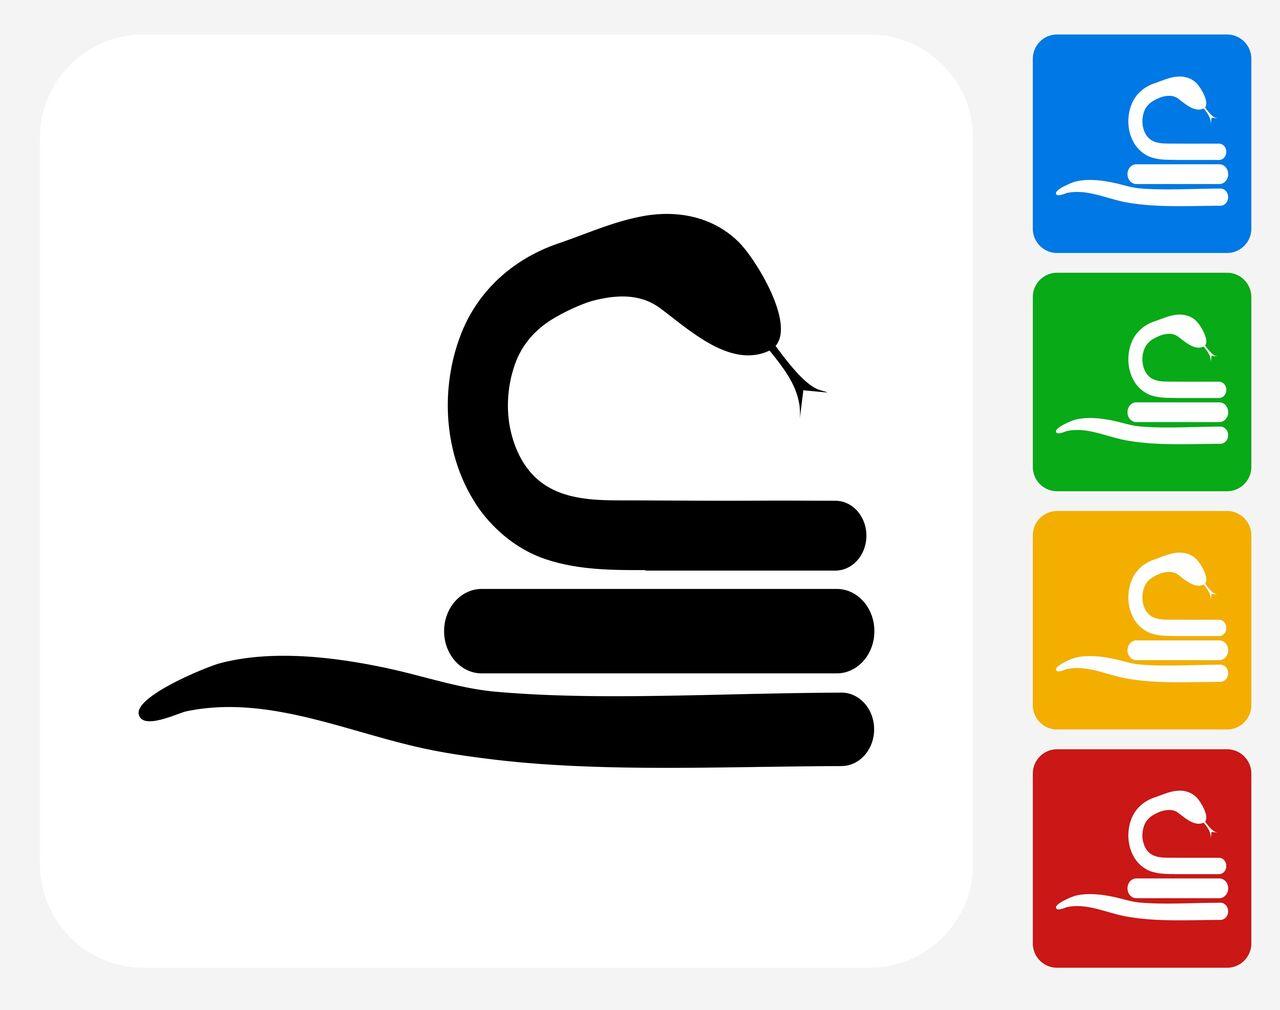 アミメニシキヘビとは? 横浜で逃走。人間が呑み込まれた事故もある「世界最長のヘビ」